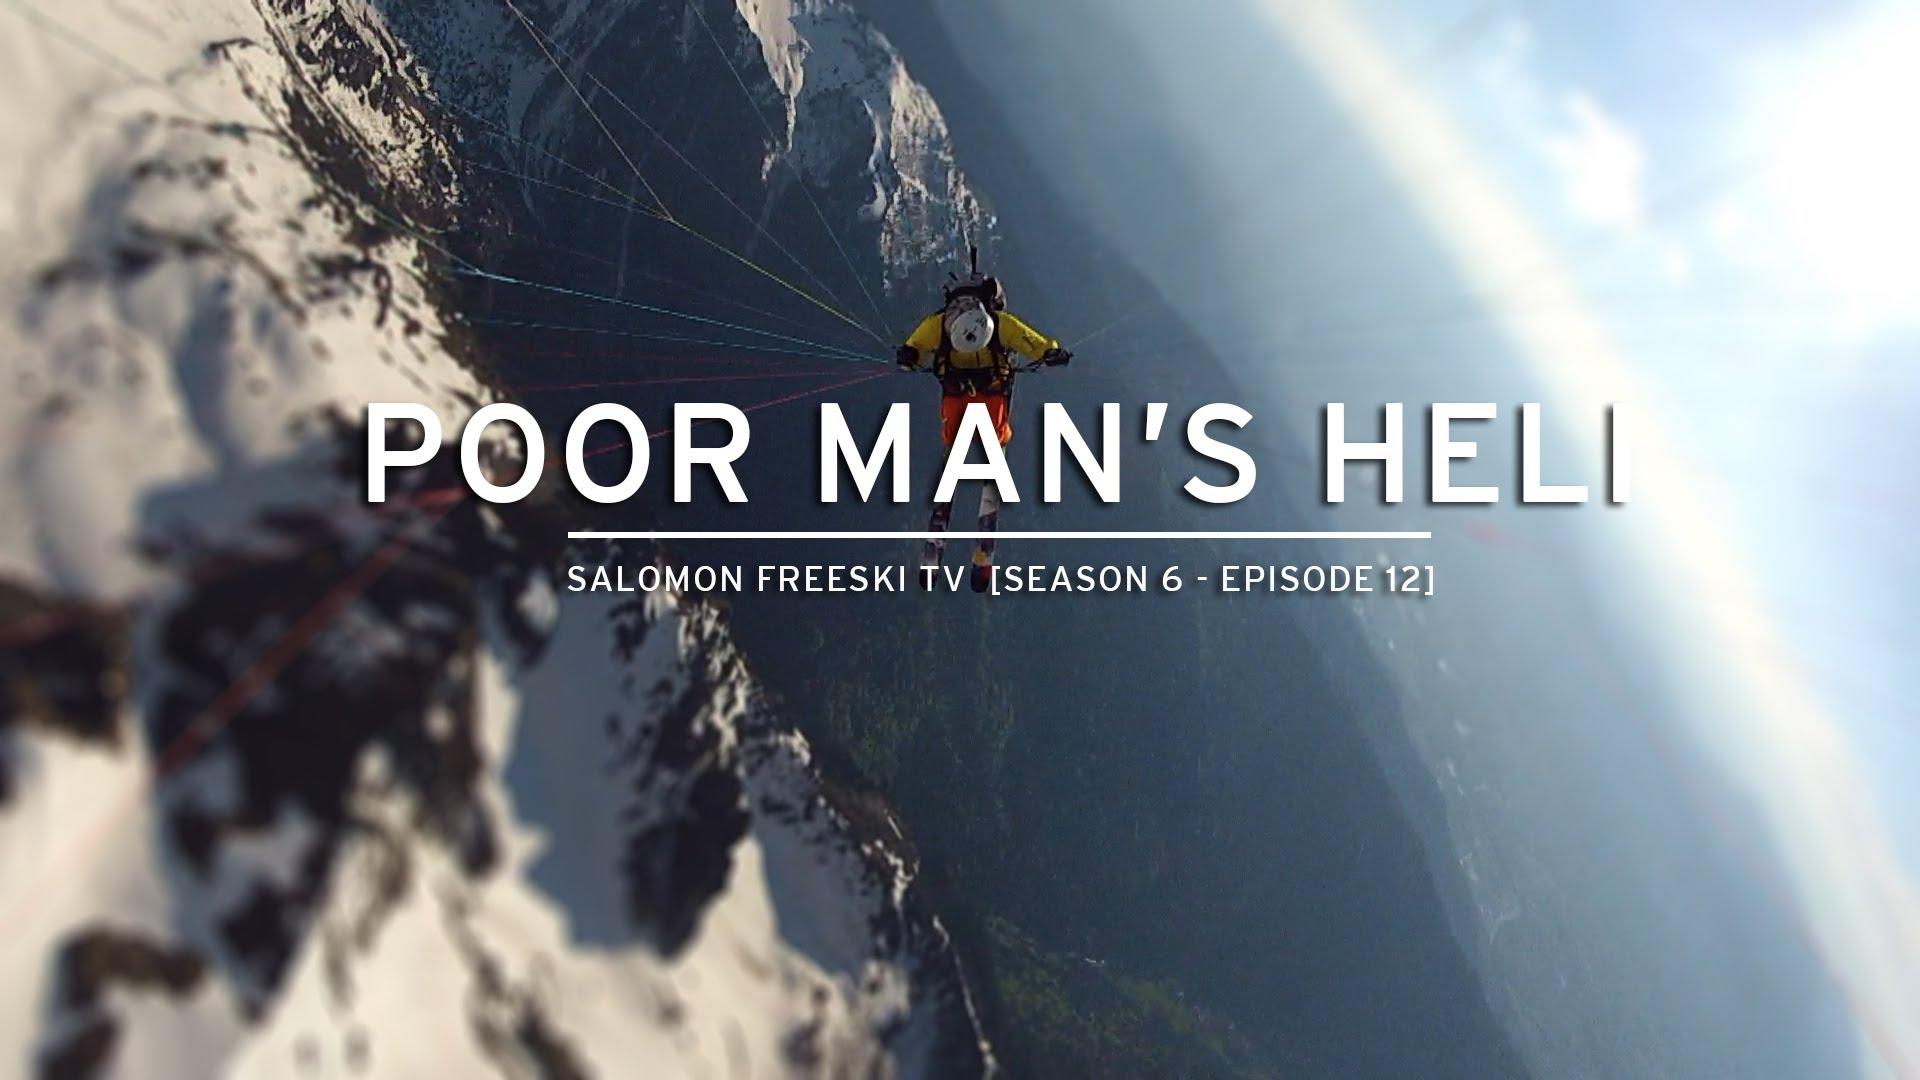 Salomon Freeski TV S6 E12 Poor Mans Heli MountBakerExperiencecom 1920x1080